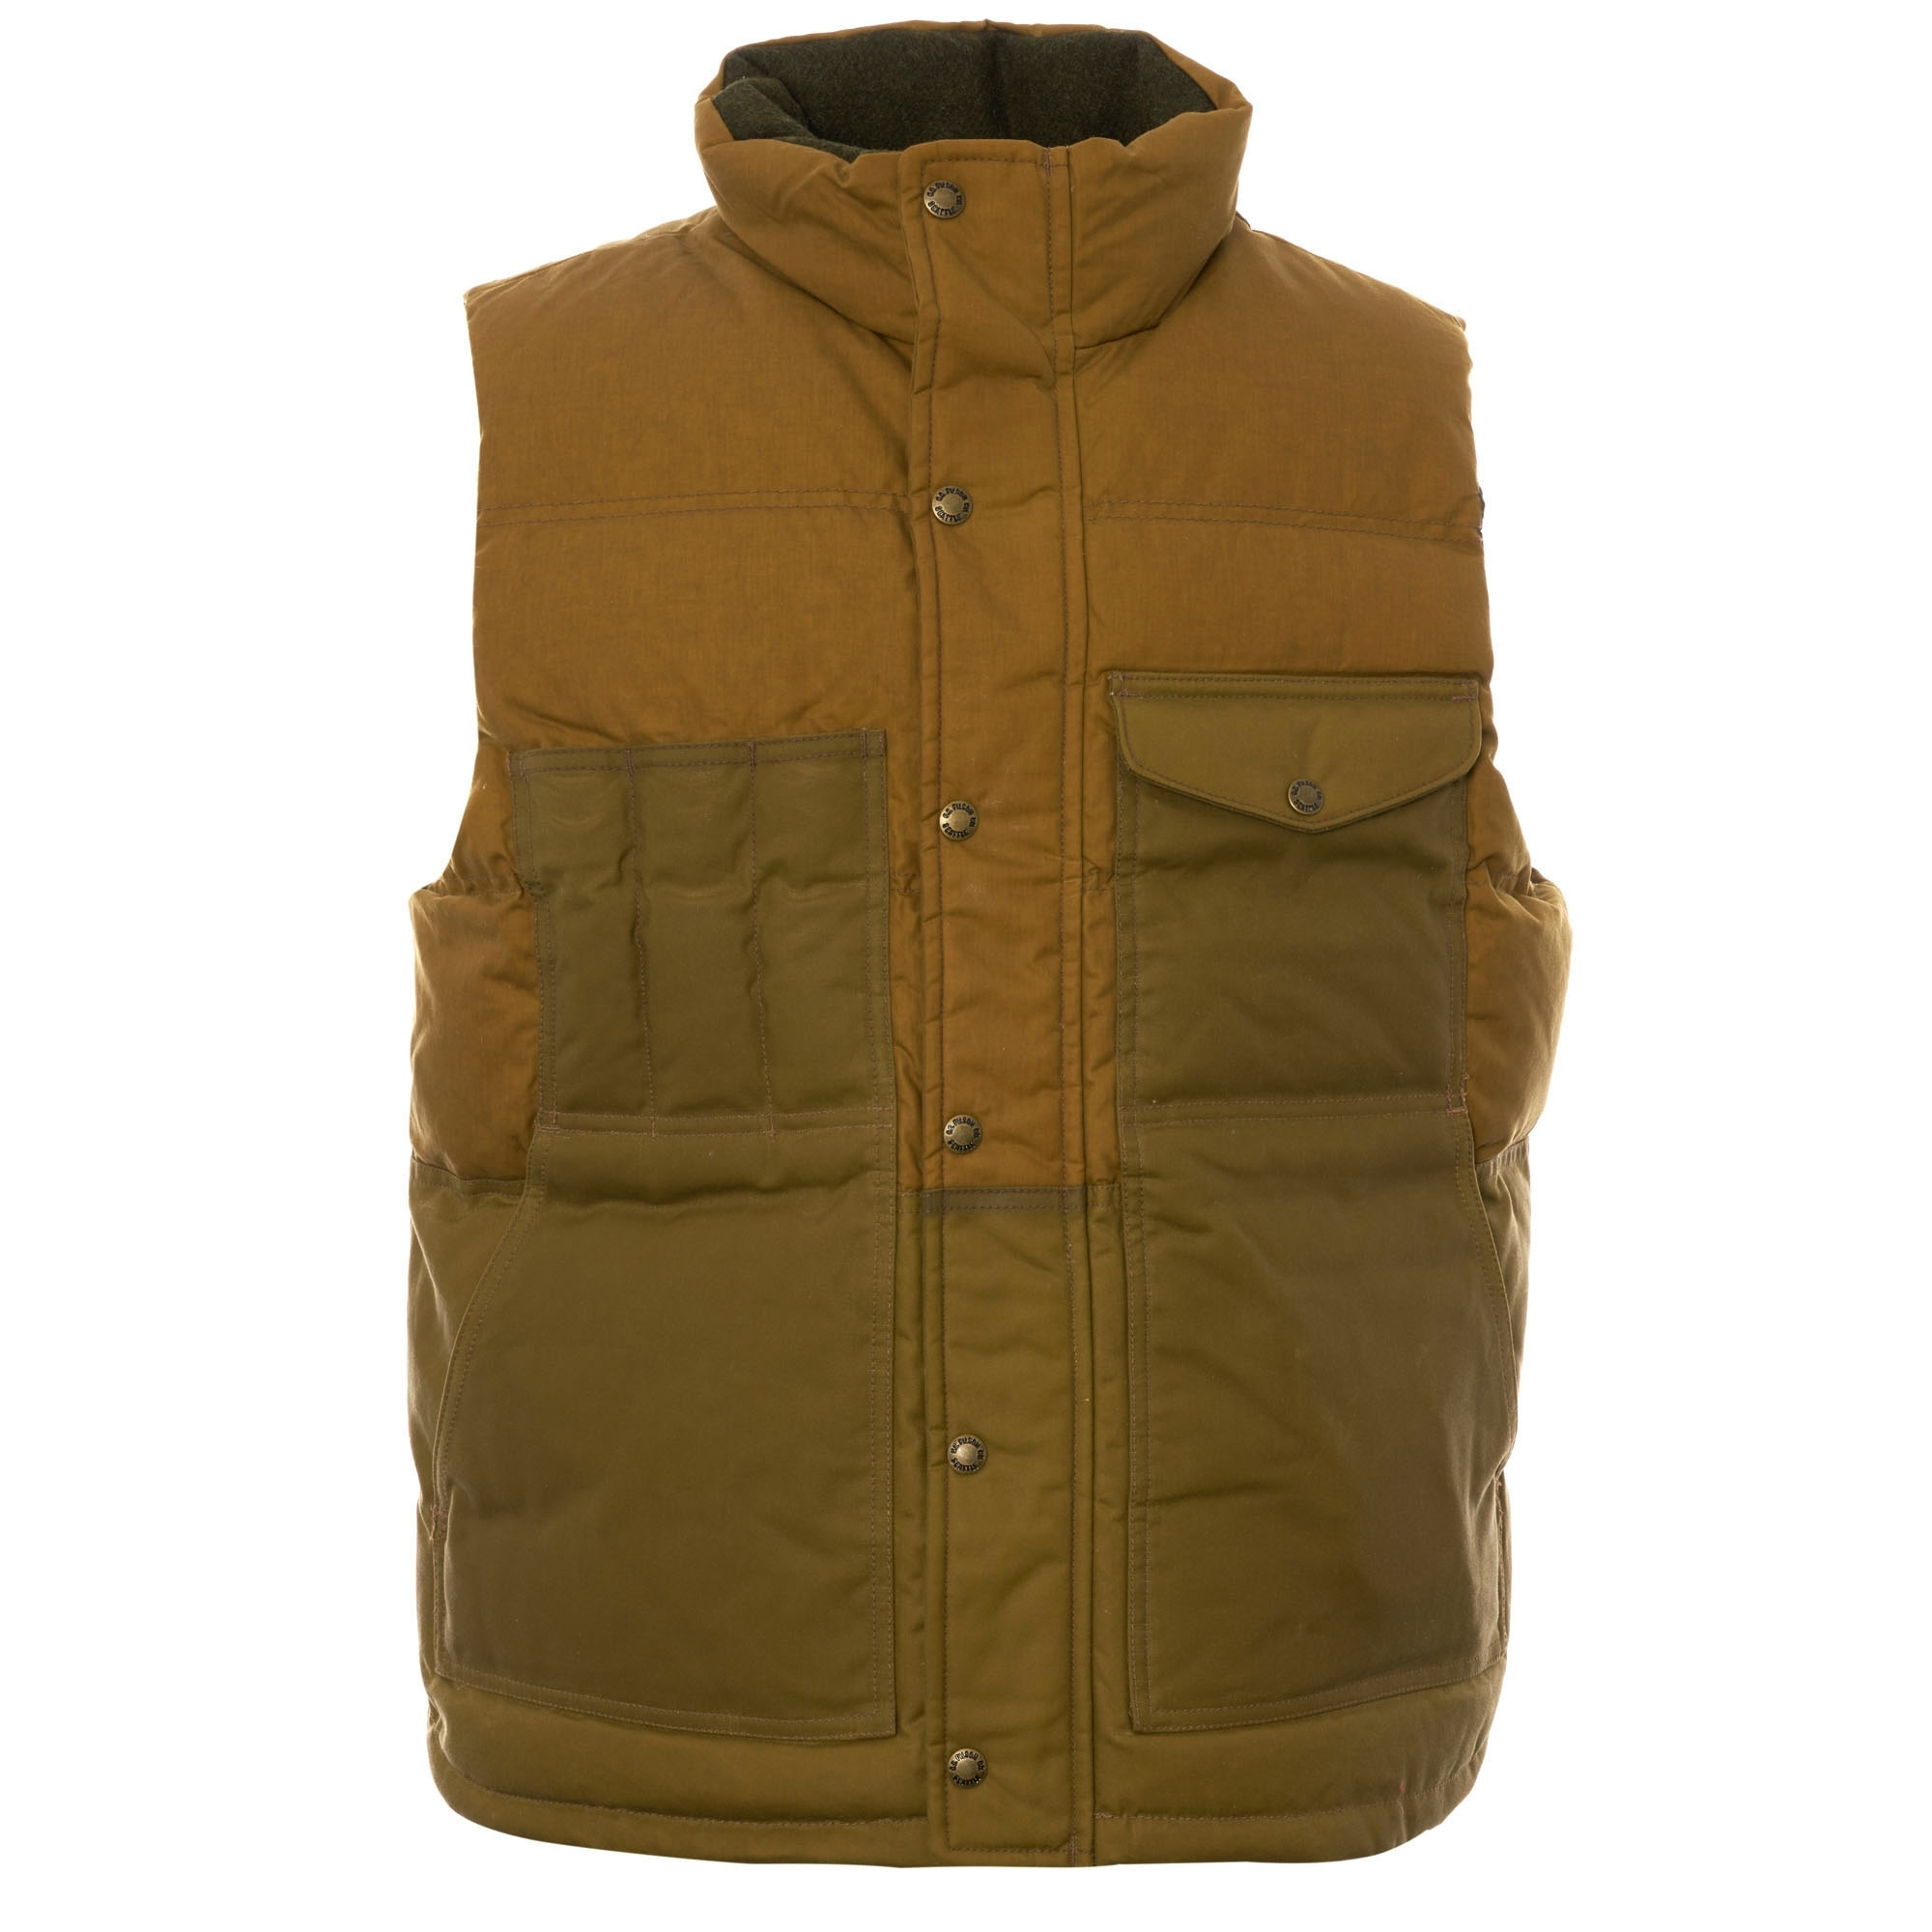 CC Filson Mens Button Front 100/% Cotton Shirt Small Plaid Flannel